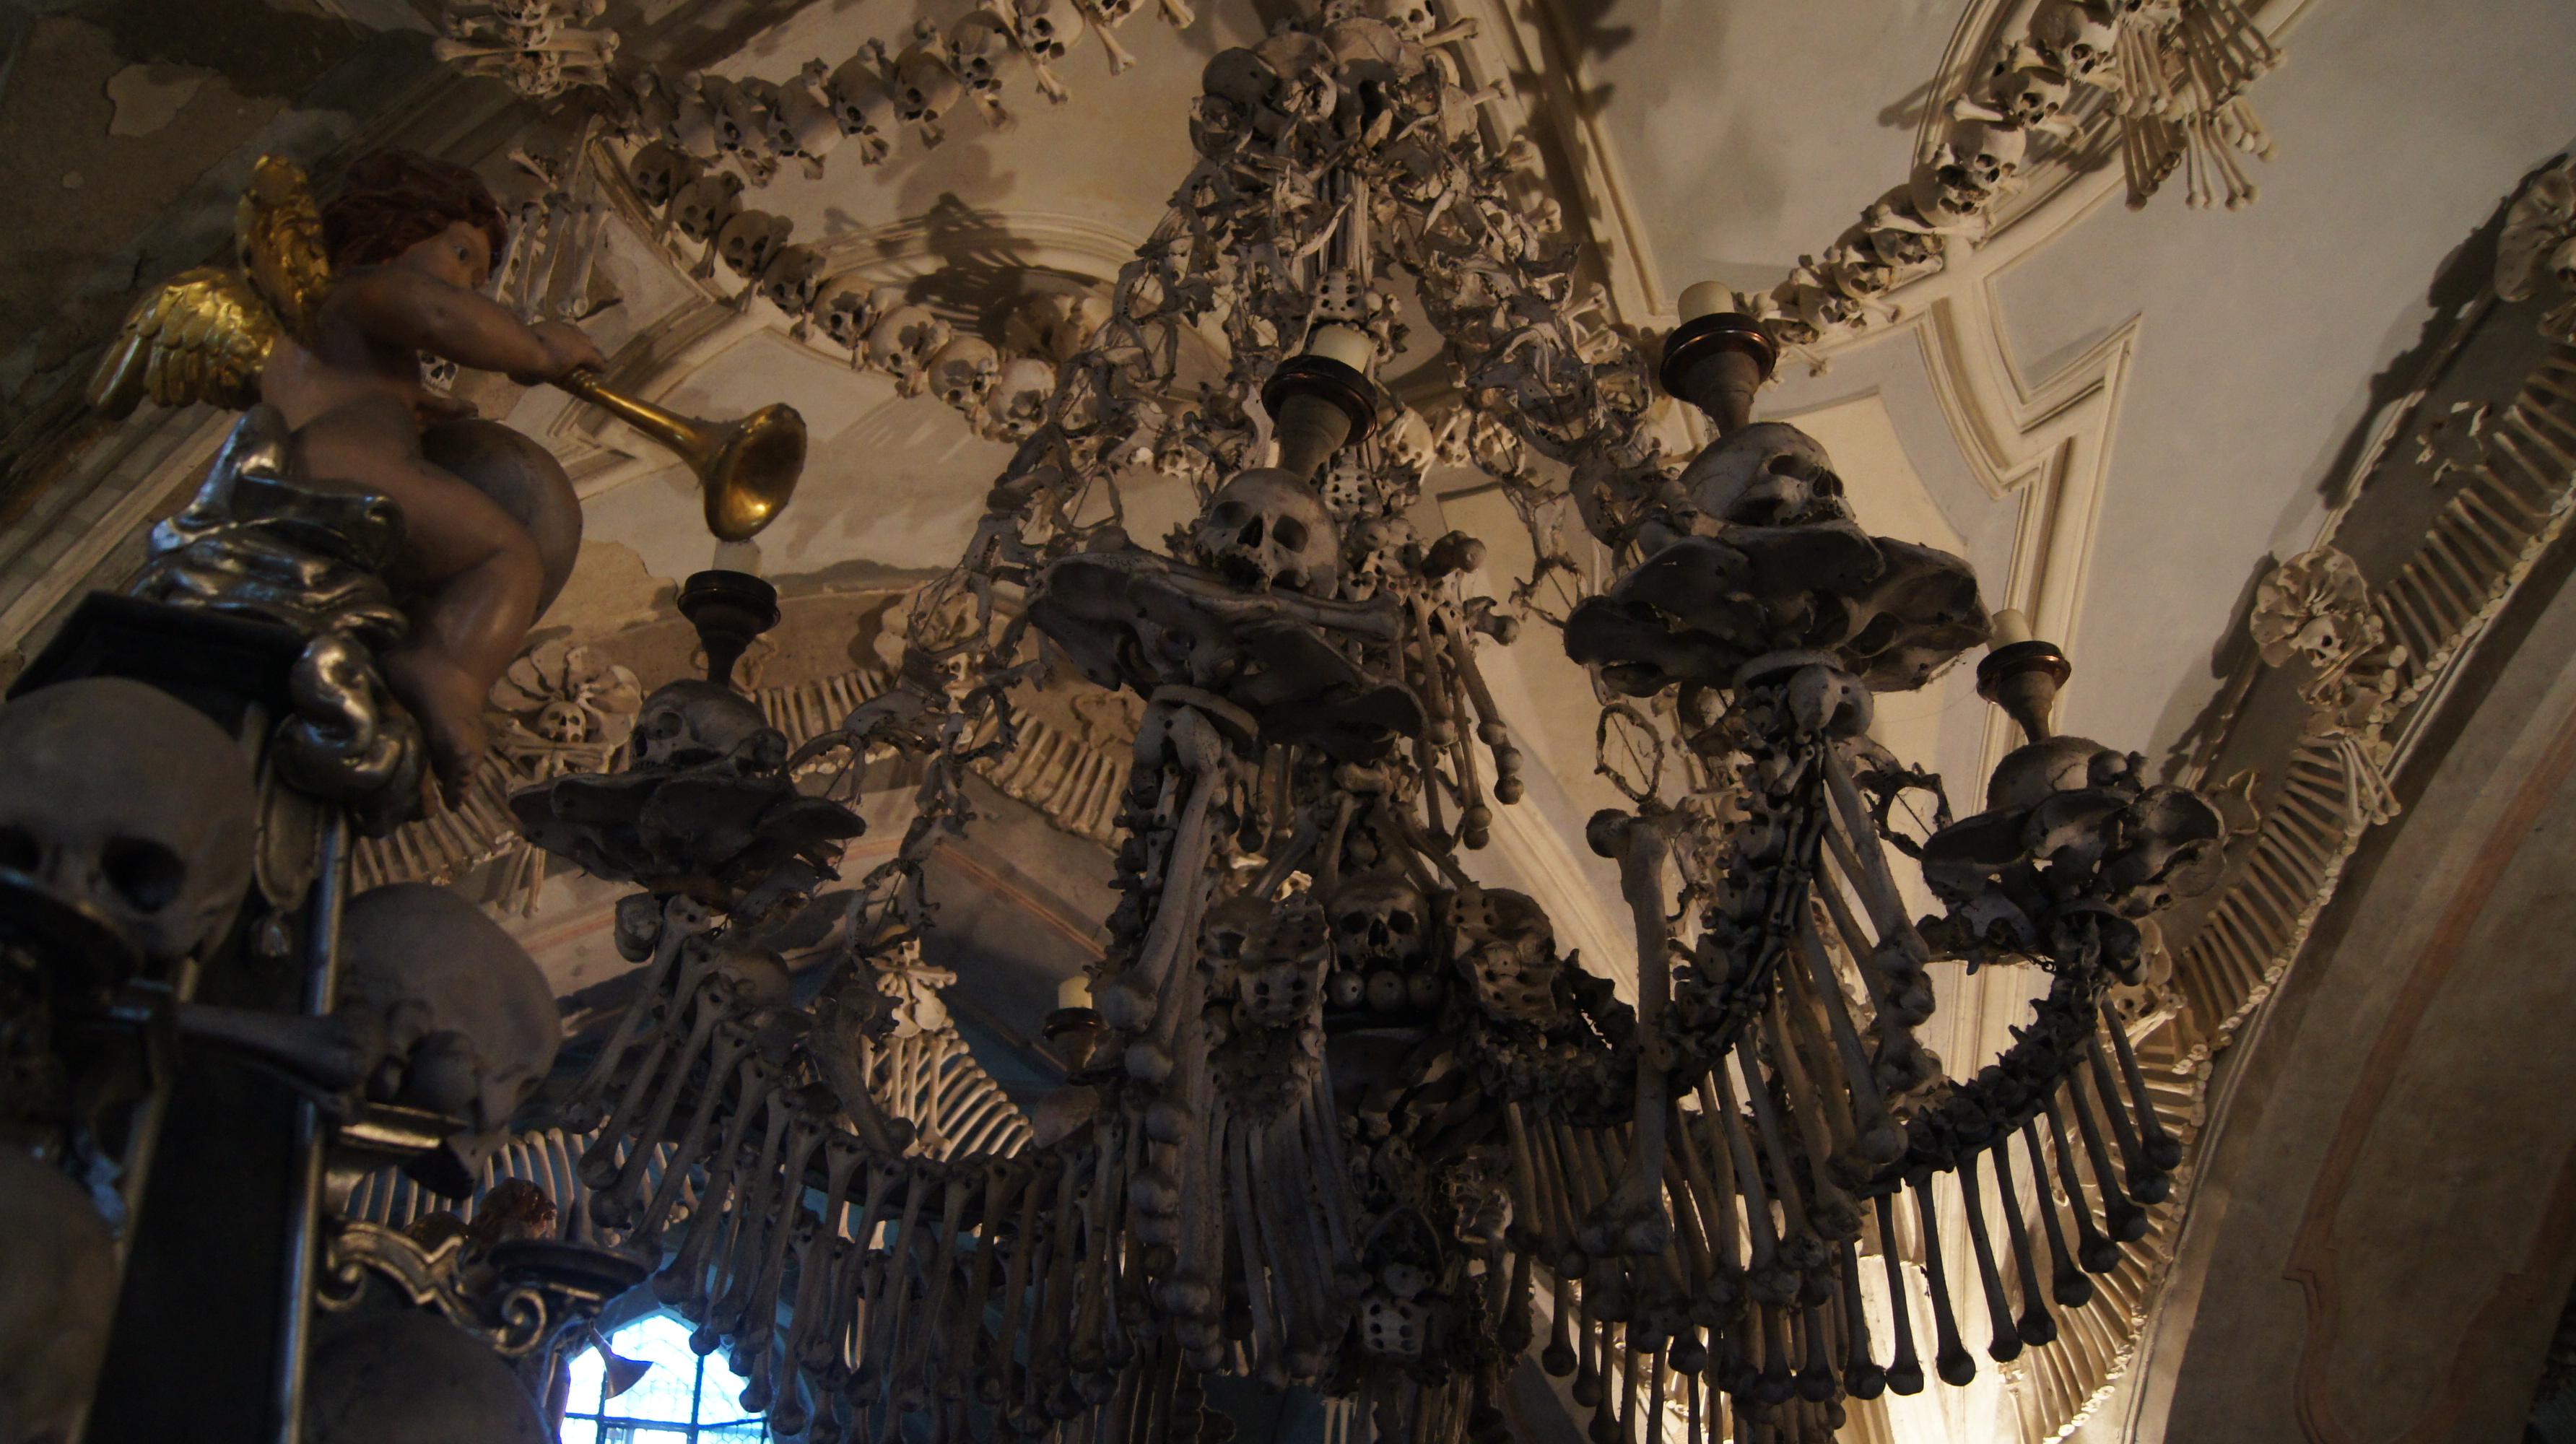 Ein Kronleuchter komplett aus menschlichen Knochen